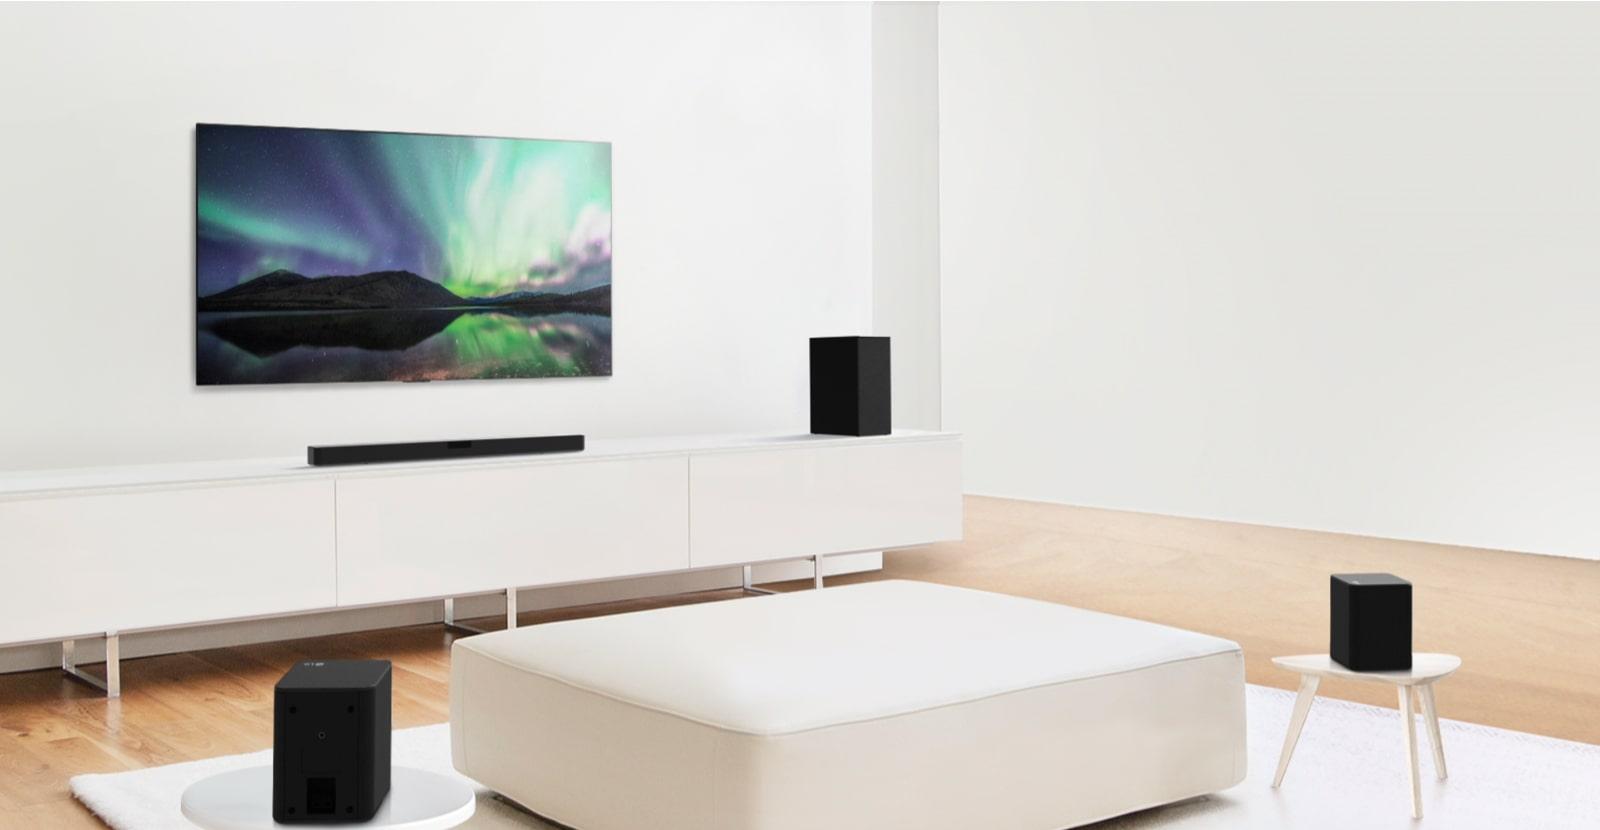 Video xem trước hiển thị Loa thanh LG trong một căn phòng khách màu trắng, thiết lập 4.1 kênh.